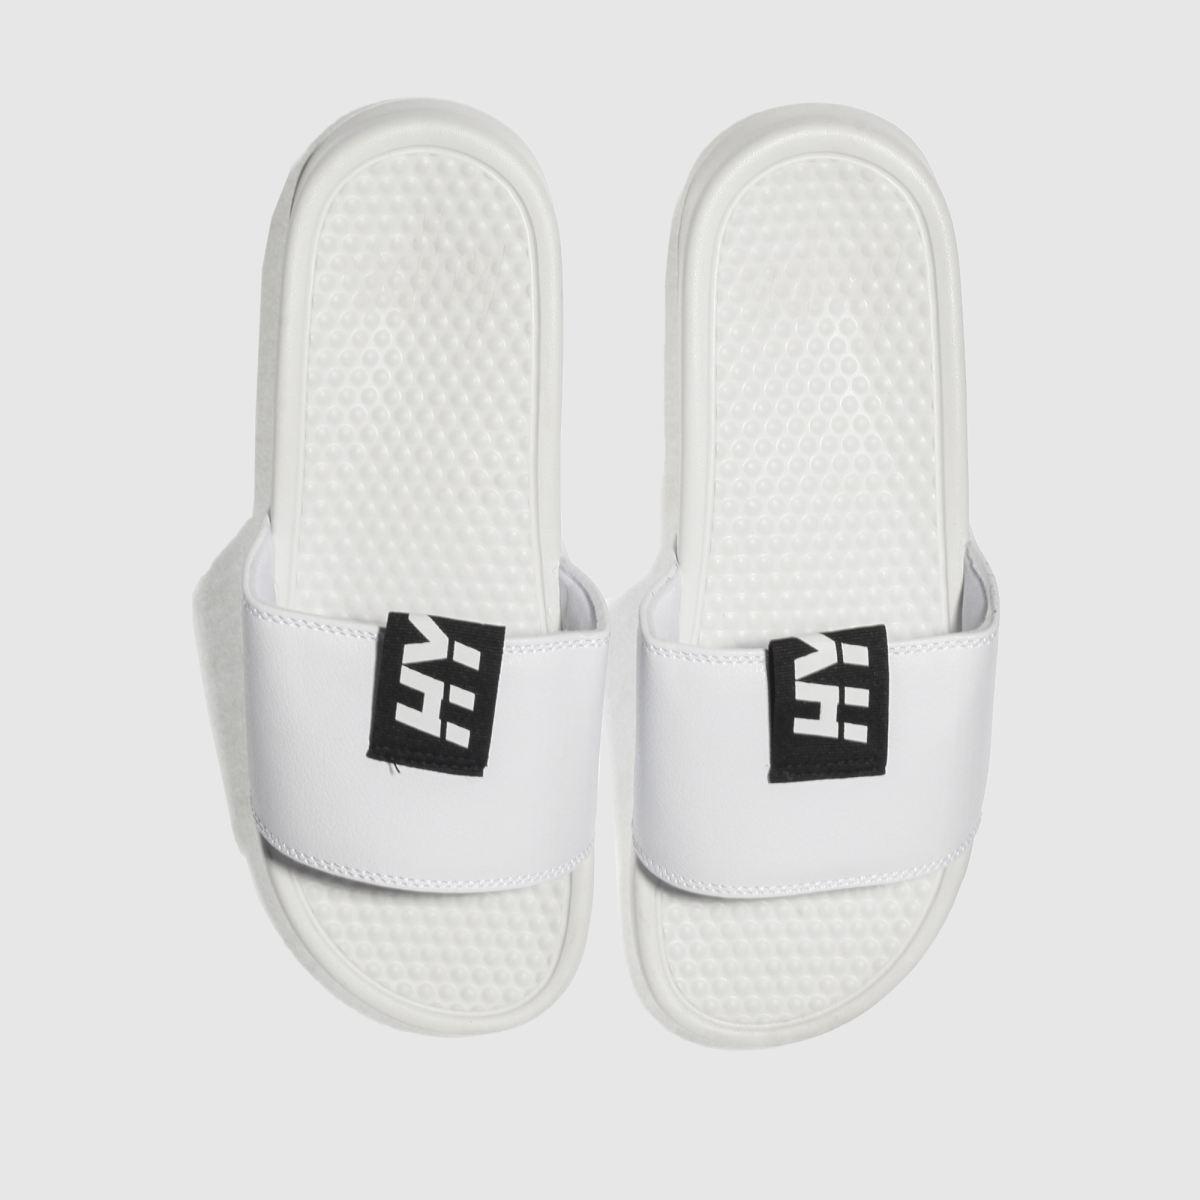 Hype Hype White Tab Slider Sandals